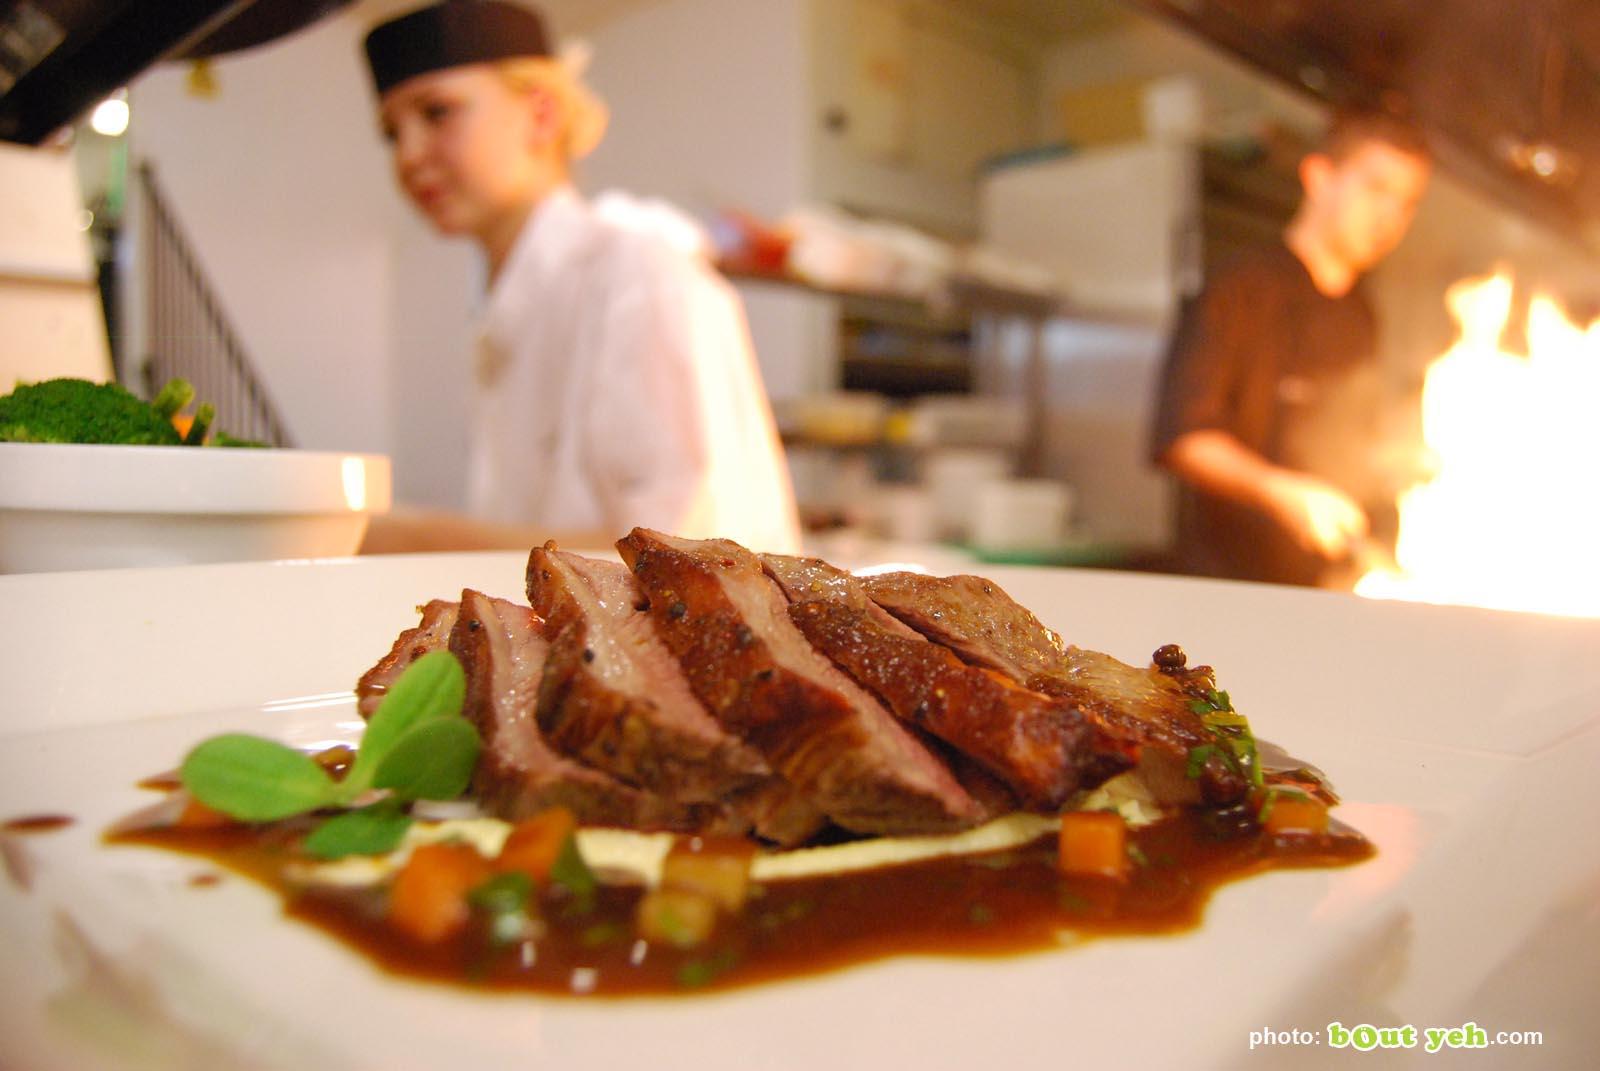 Food photographers Belfast portfolio photo 0806 - pork loins in restaurant kitchen